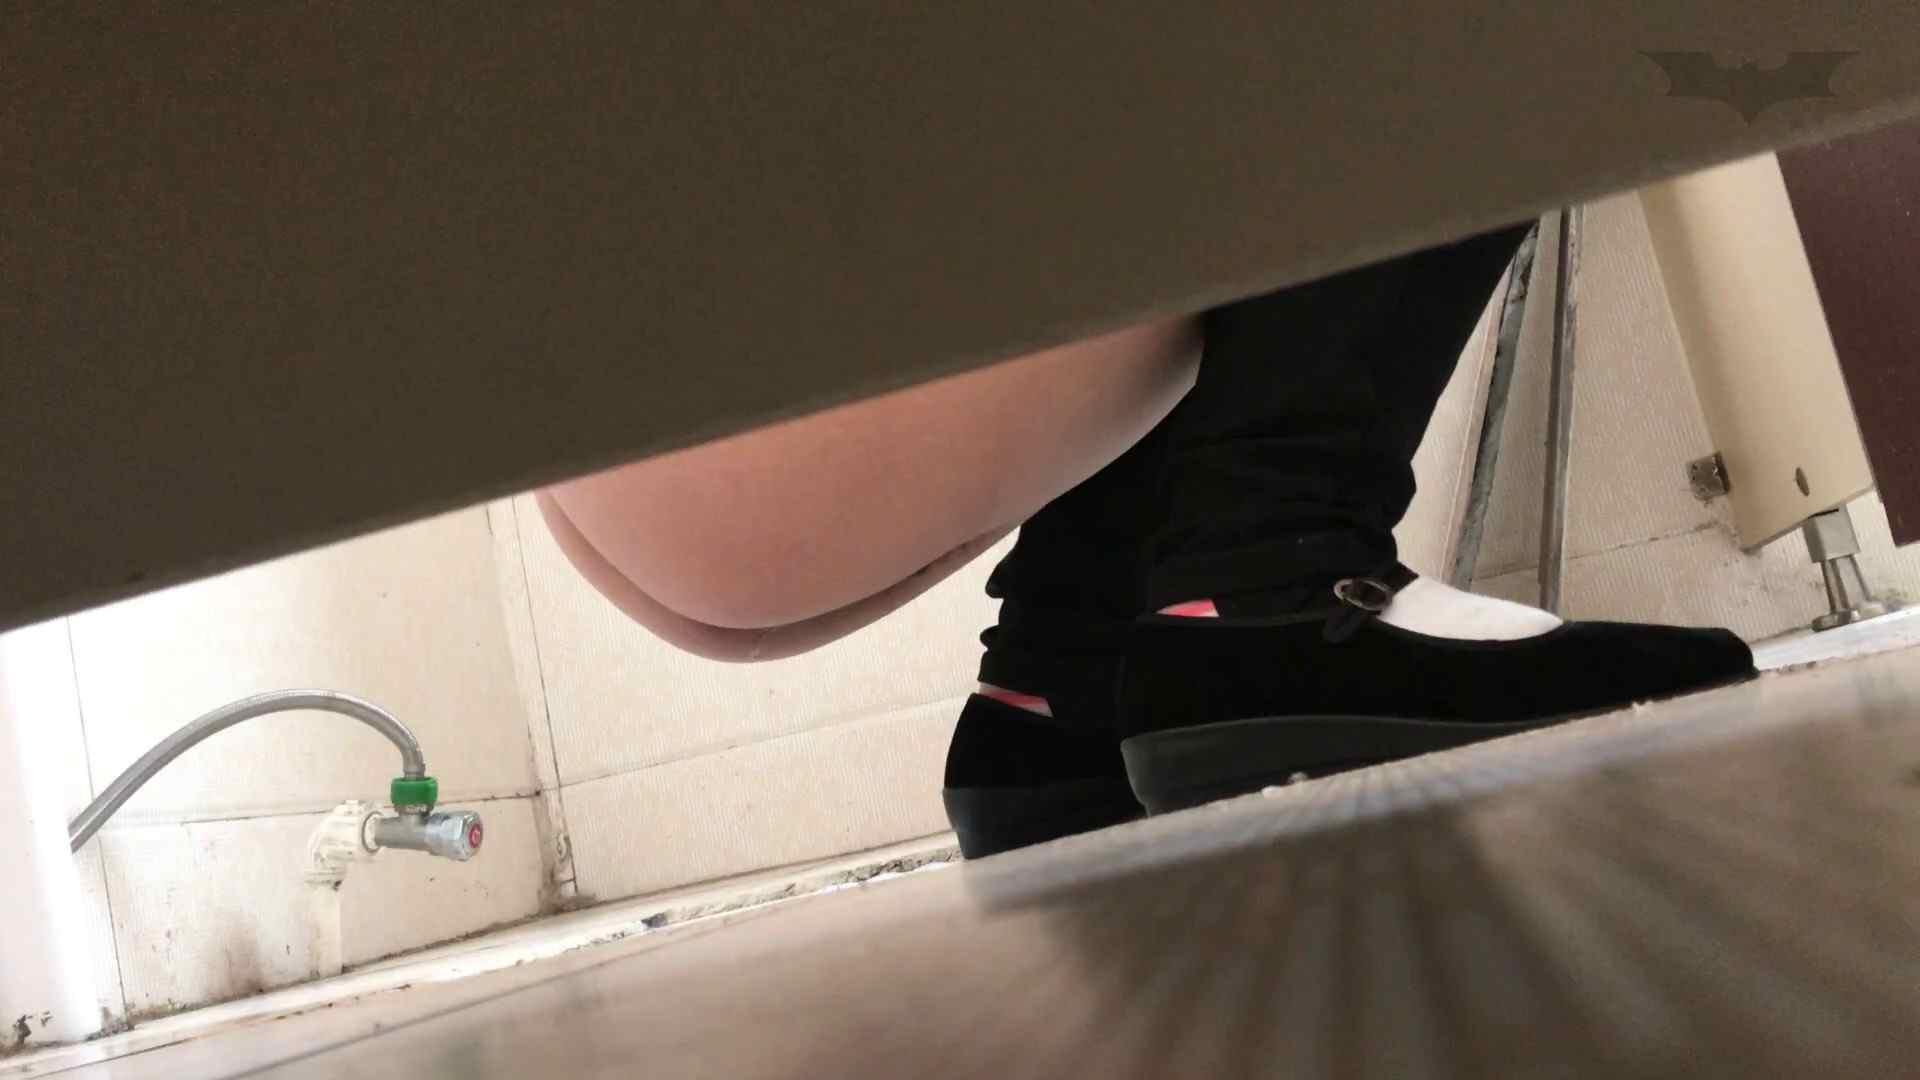 芸術大学ガチ潜入盗撮 JD盗撮 美女の洗面所の秘密 Vol.109 洗面所  86pic 55